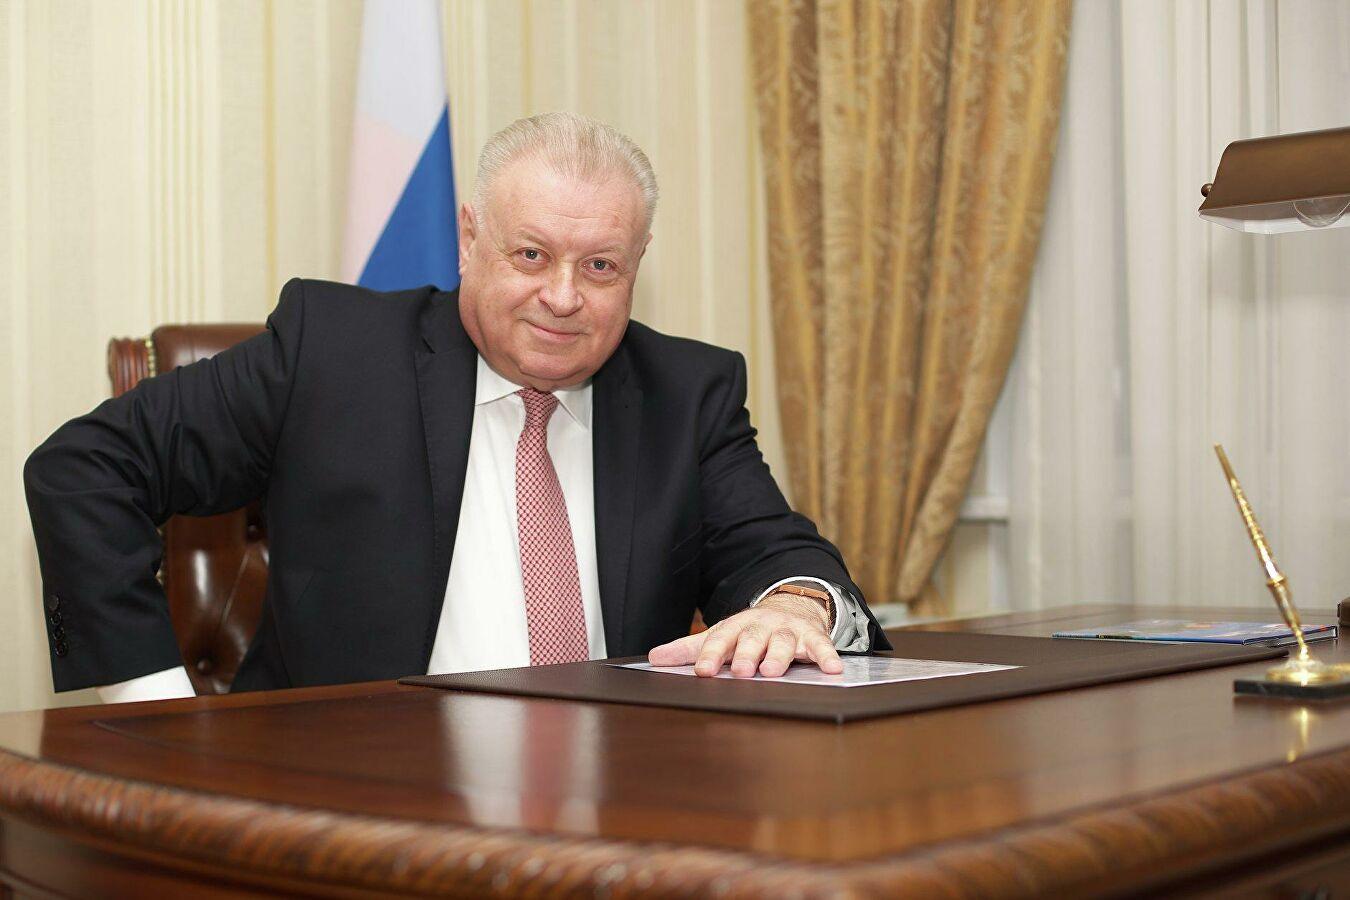 Руководитель Правфонда Александр Удальцов ответил на вопросы соотечественников, проживающих за рубежом